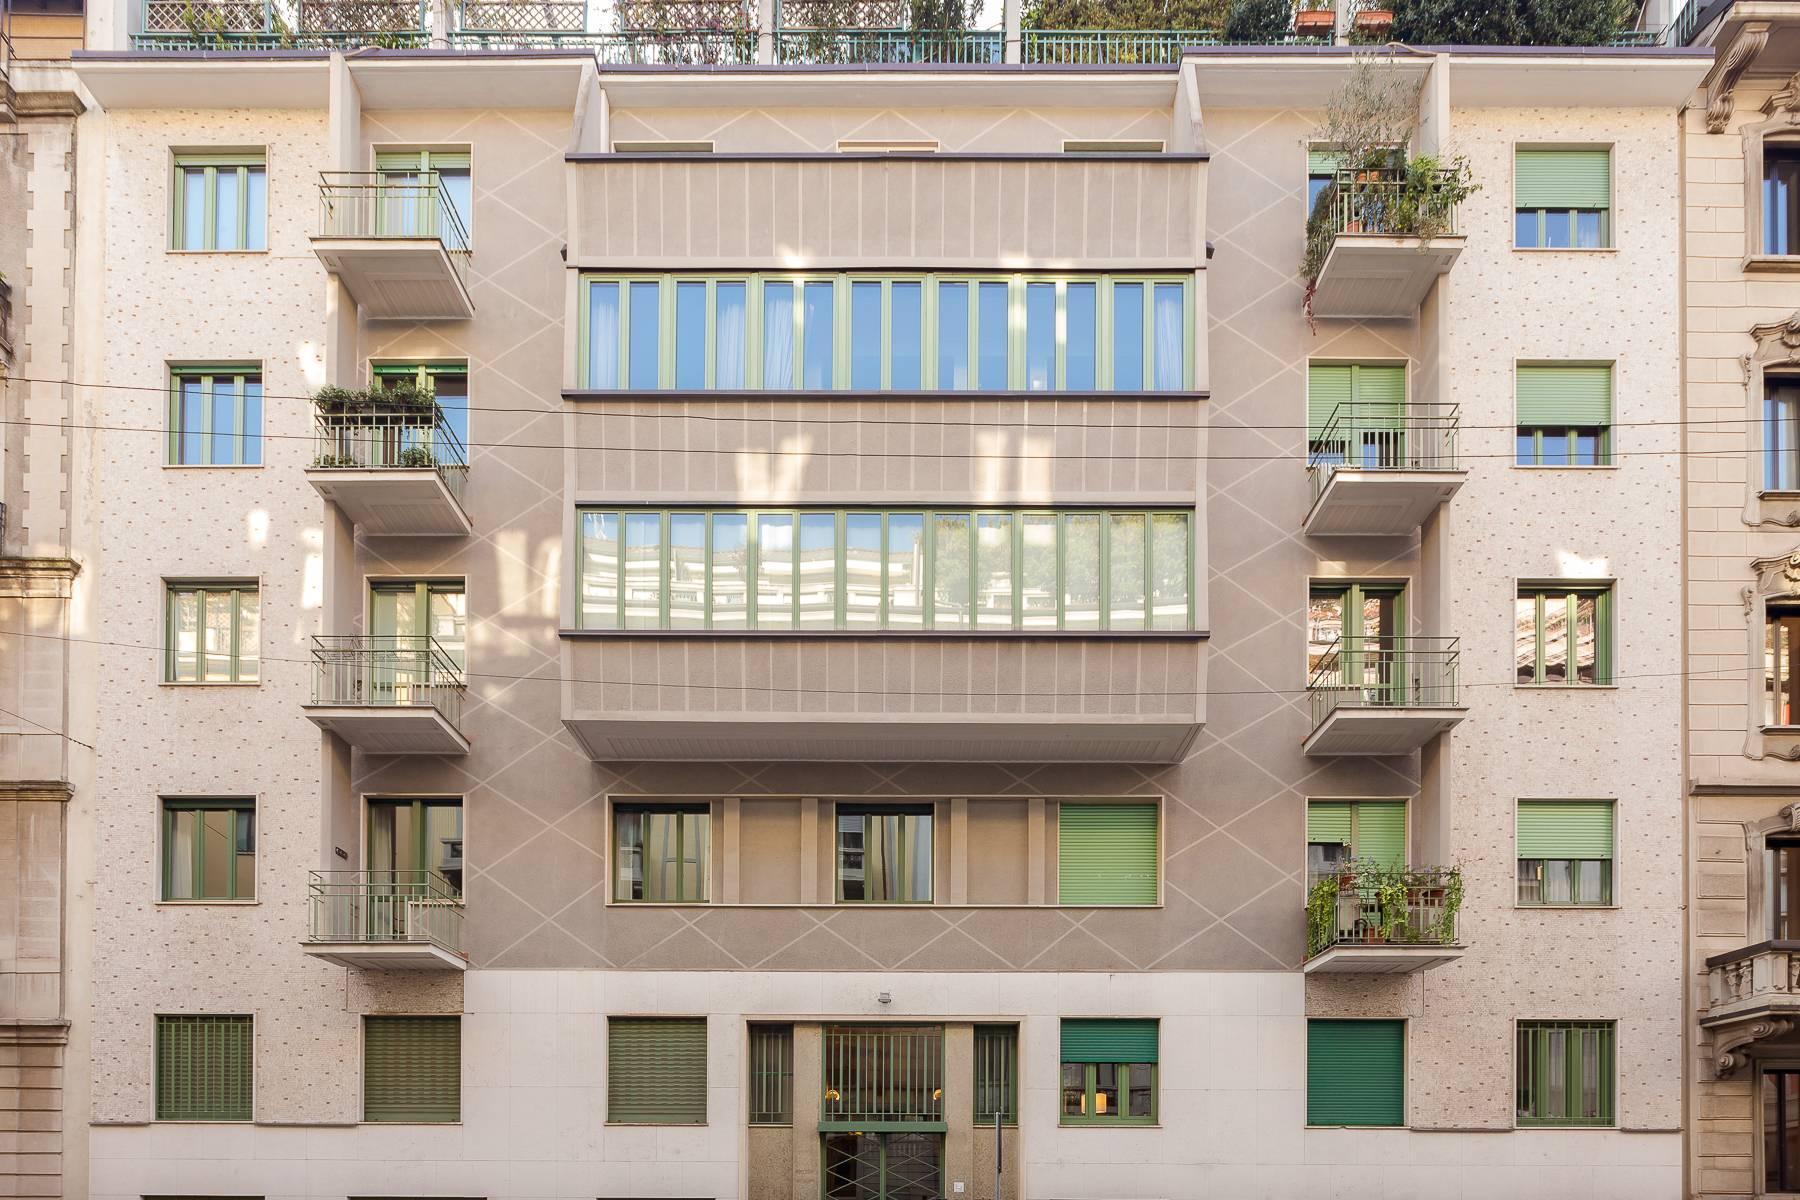 Appartement de style classique situé Via Besana - 26